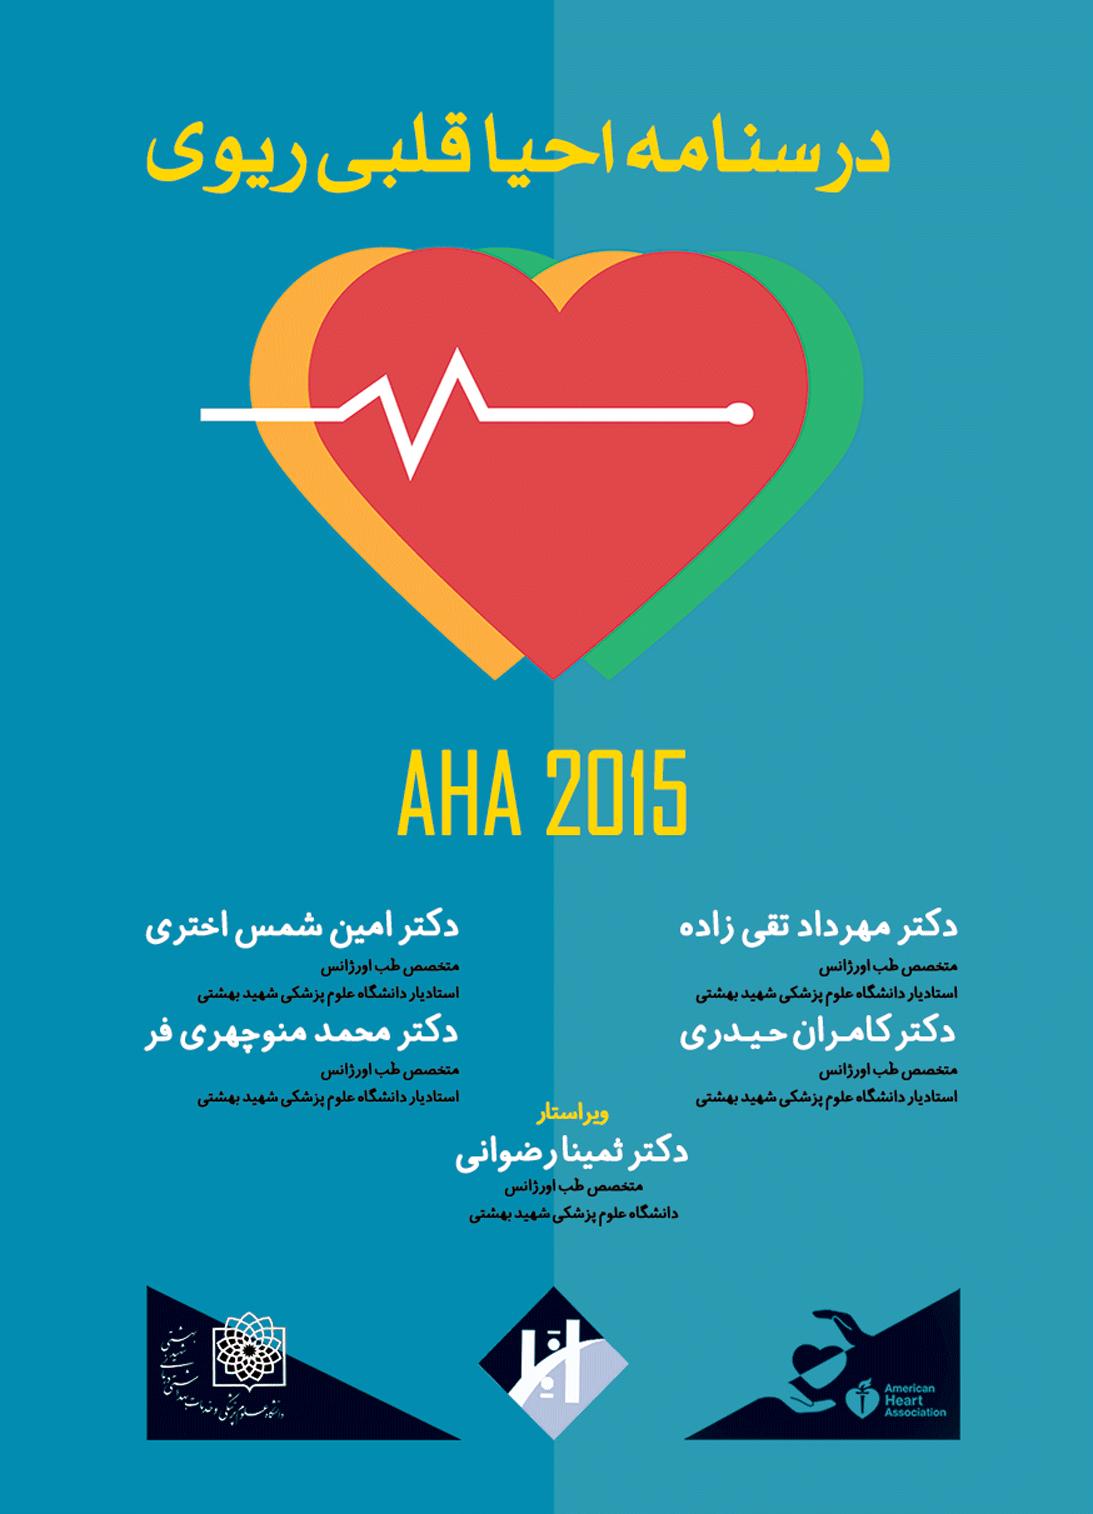 درسنامه-احیا-قلبی–ریوی-AHA-2015-اشراقیه-بابازاده